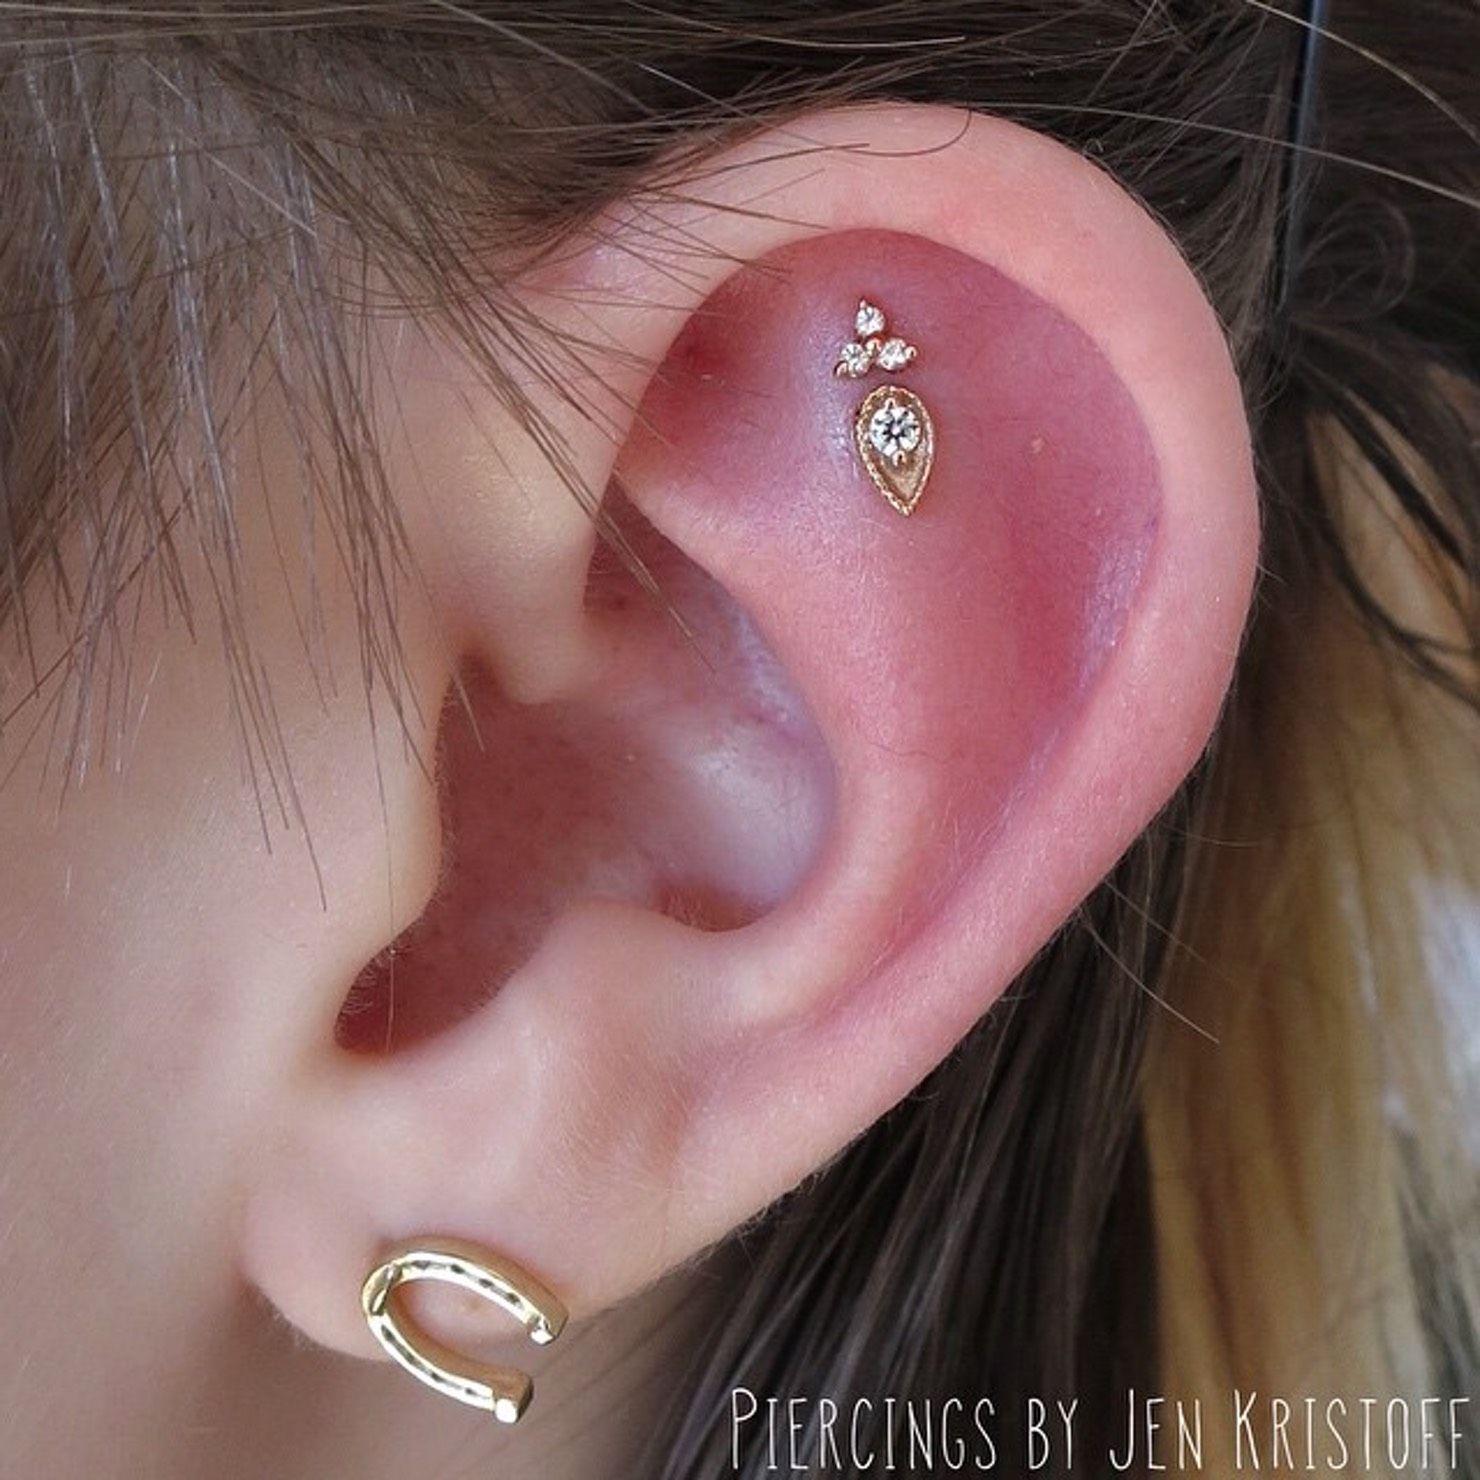 Piercing nose at home   Excuses To Buy More Earrings  Piercings Unique ear piercings